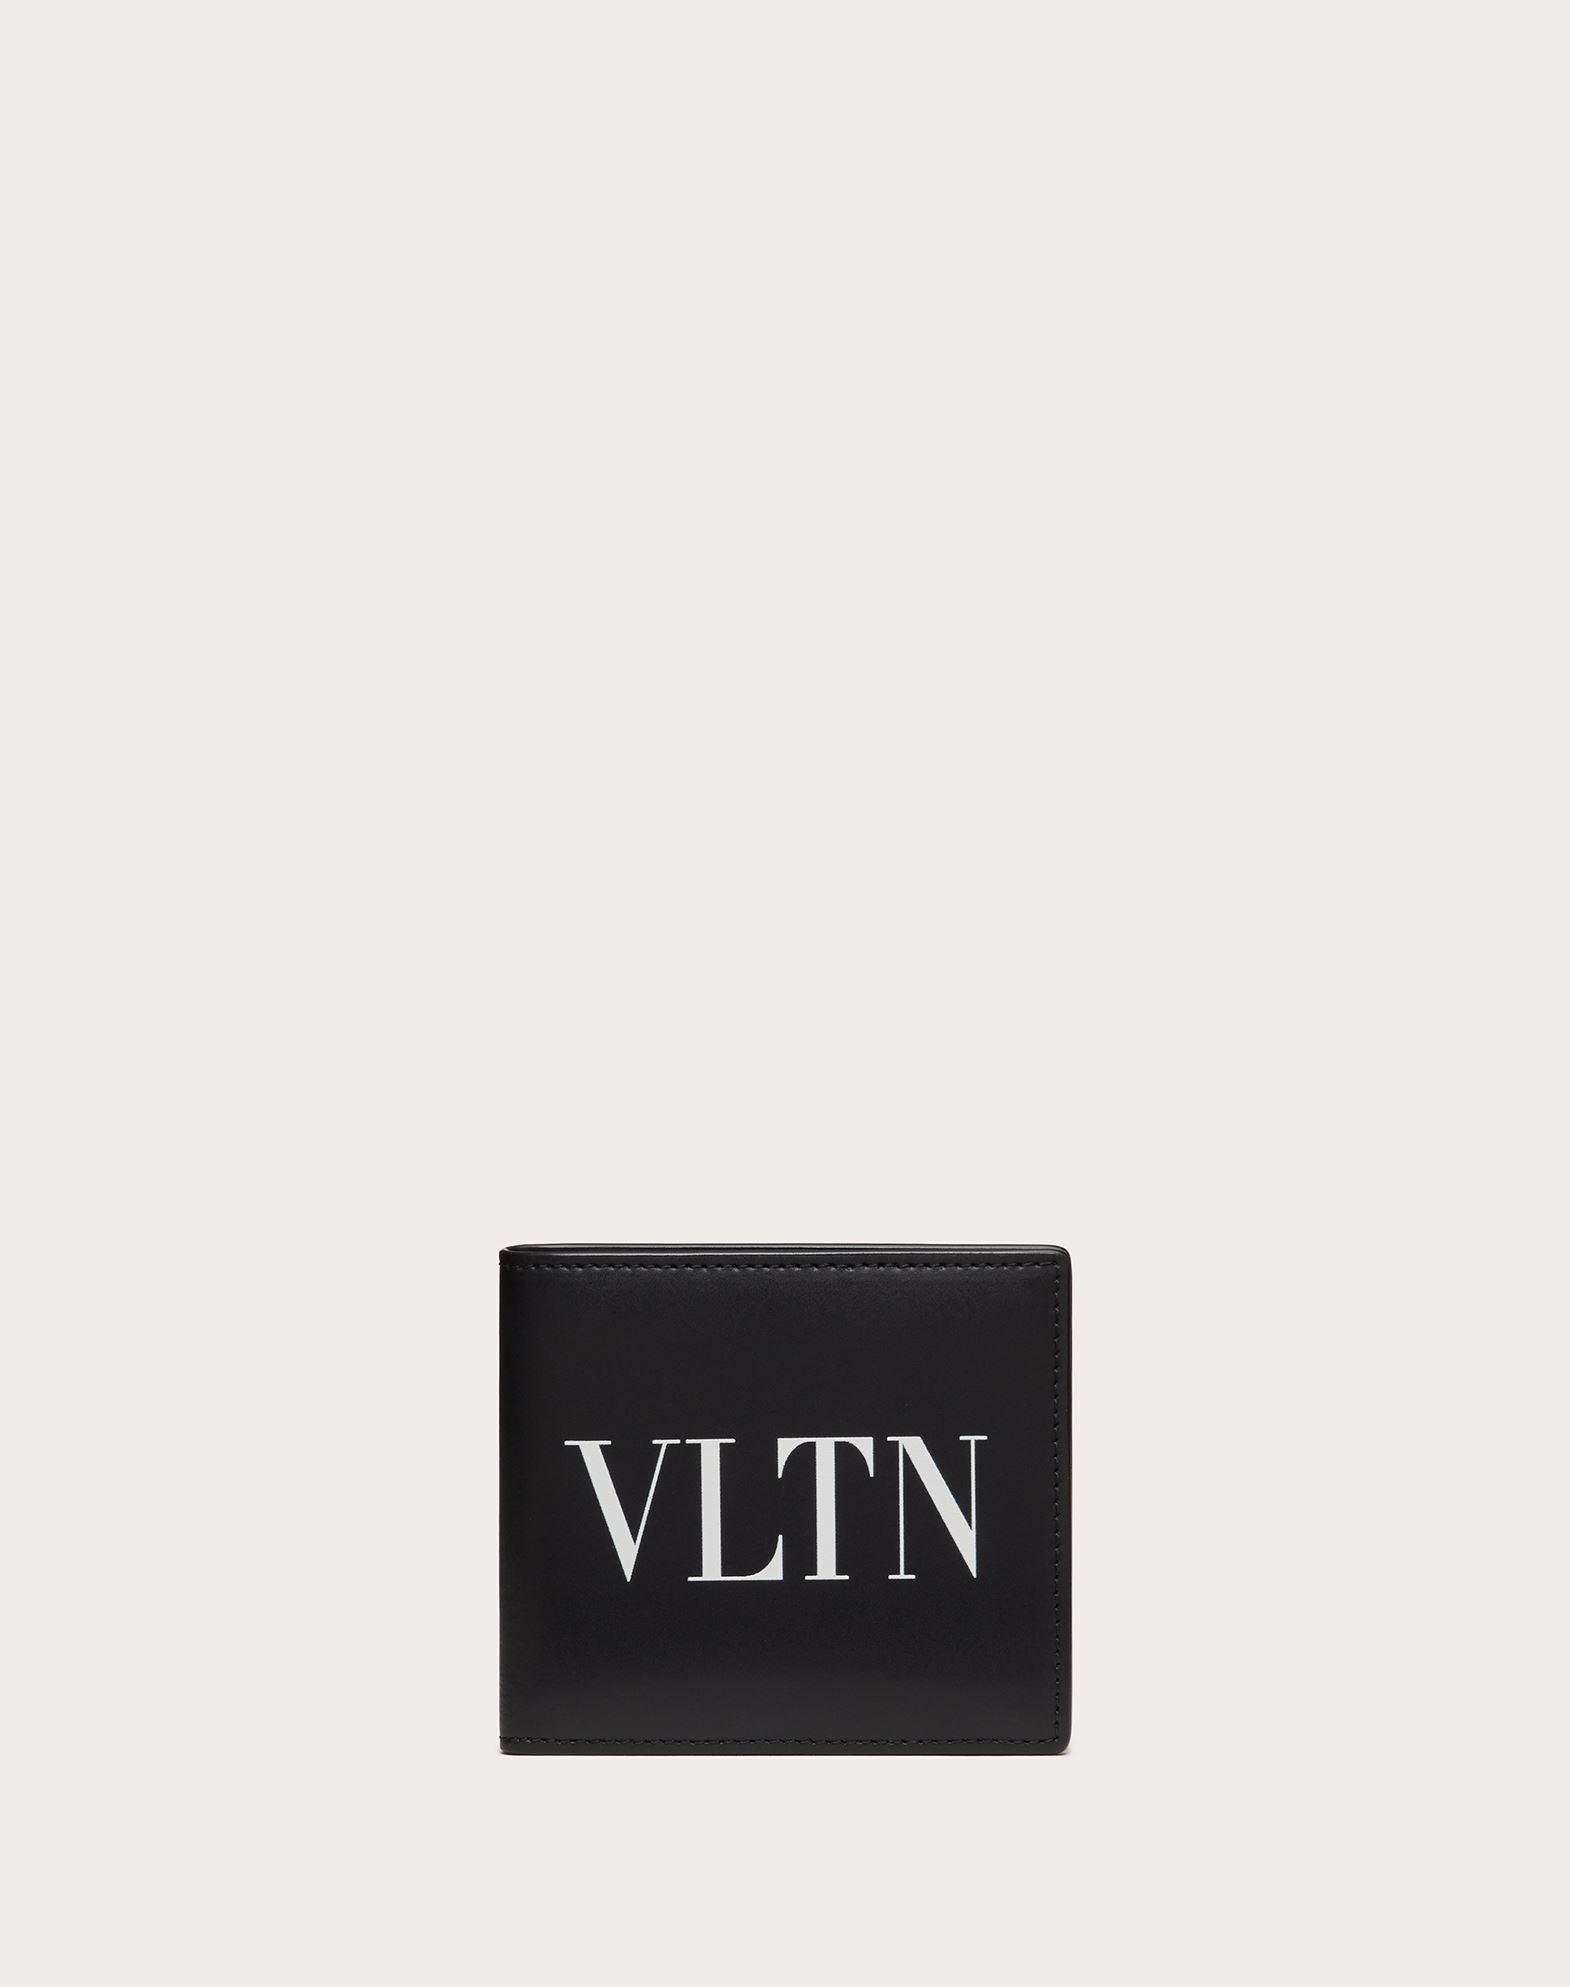 VALENTINO GARAVANI UOMO VLTN wallet COMPACT WALLETS U f